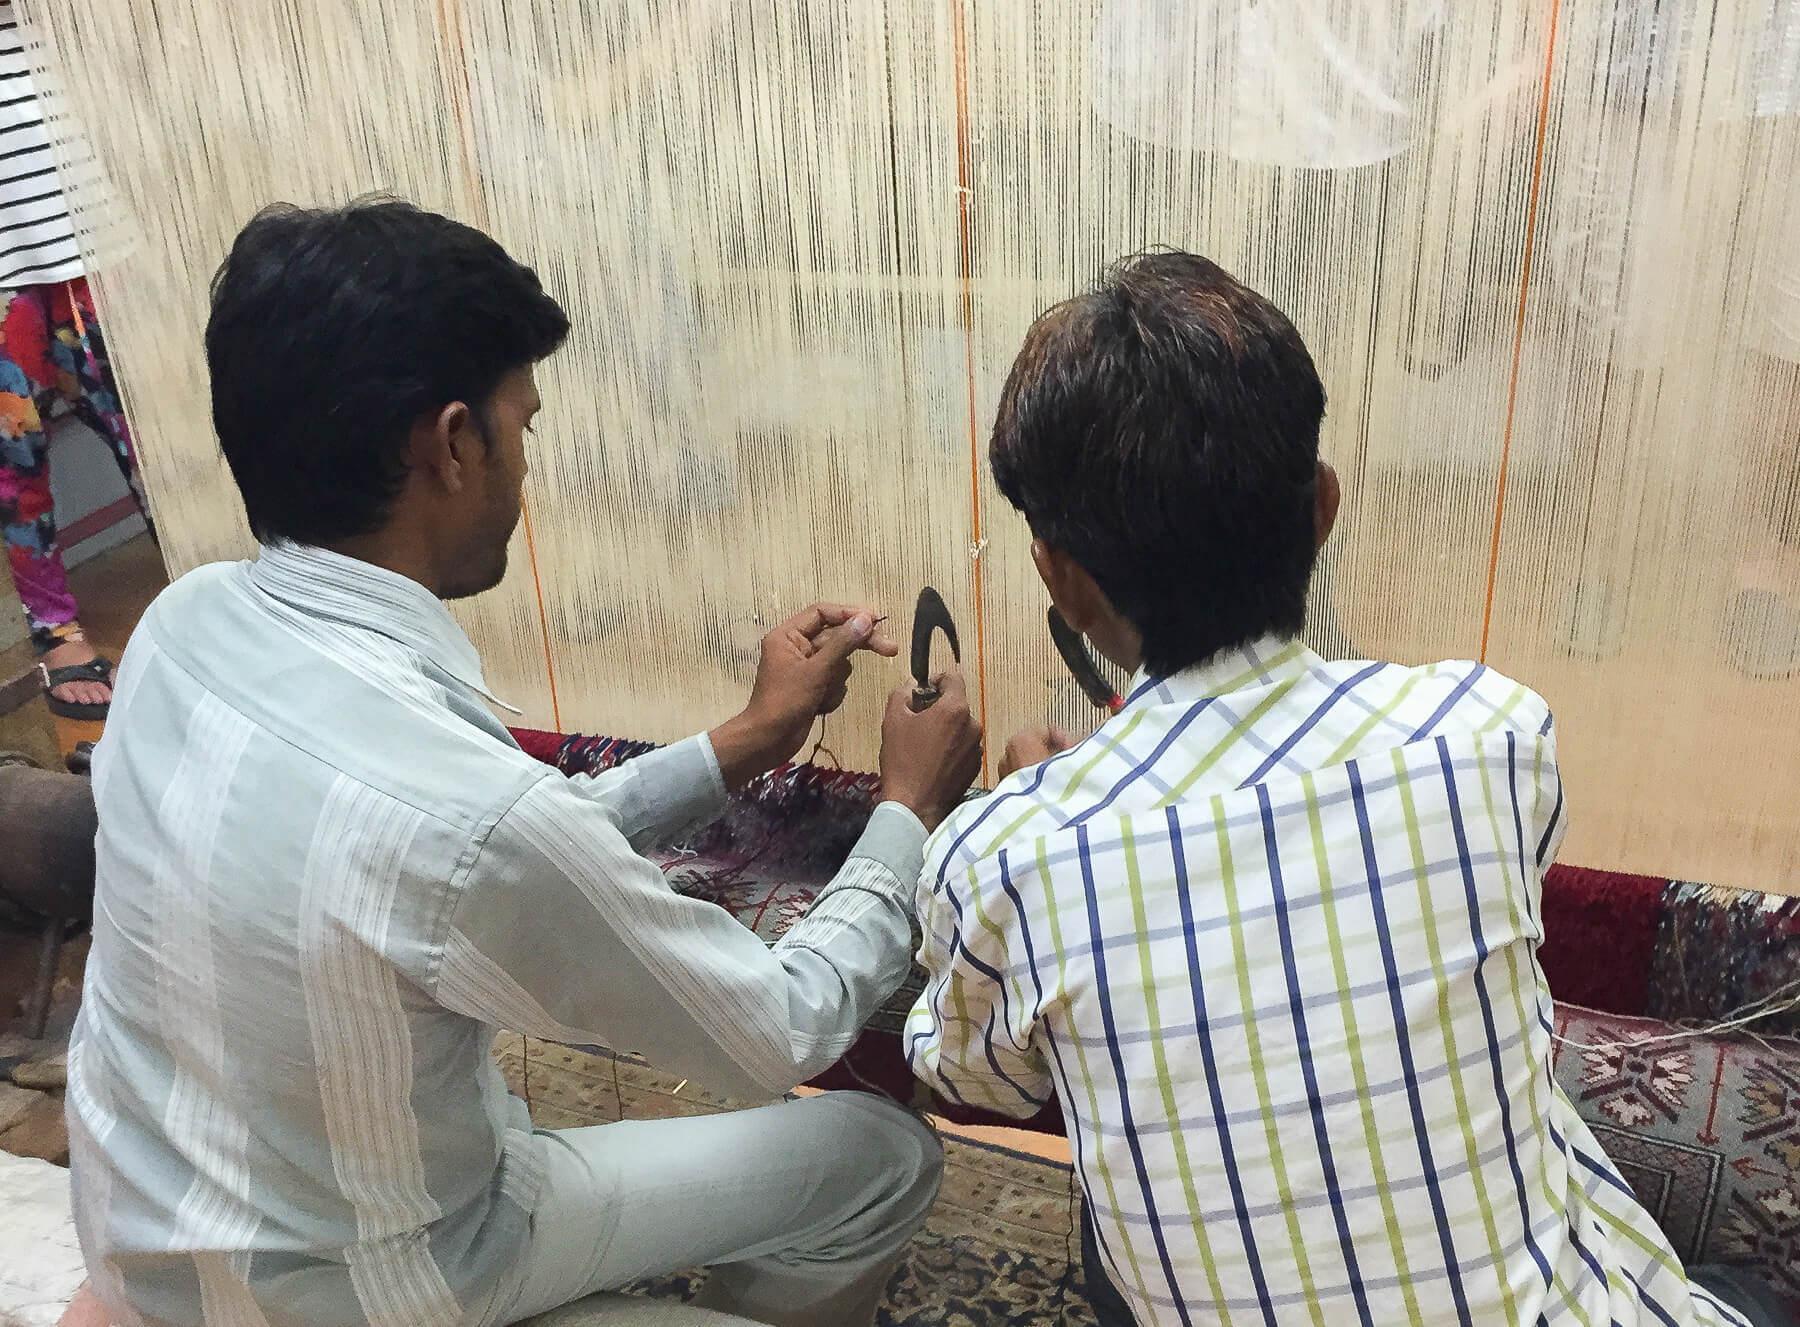 2 Indian men making oriental knot rug